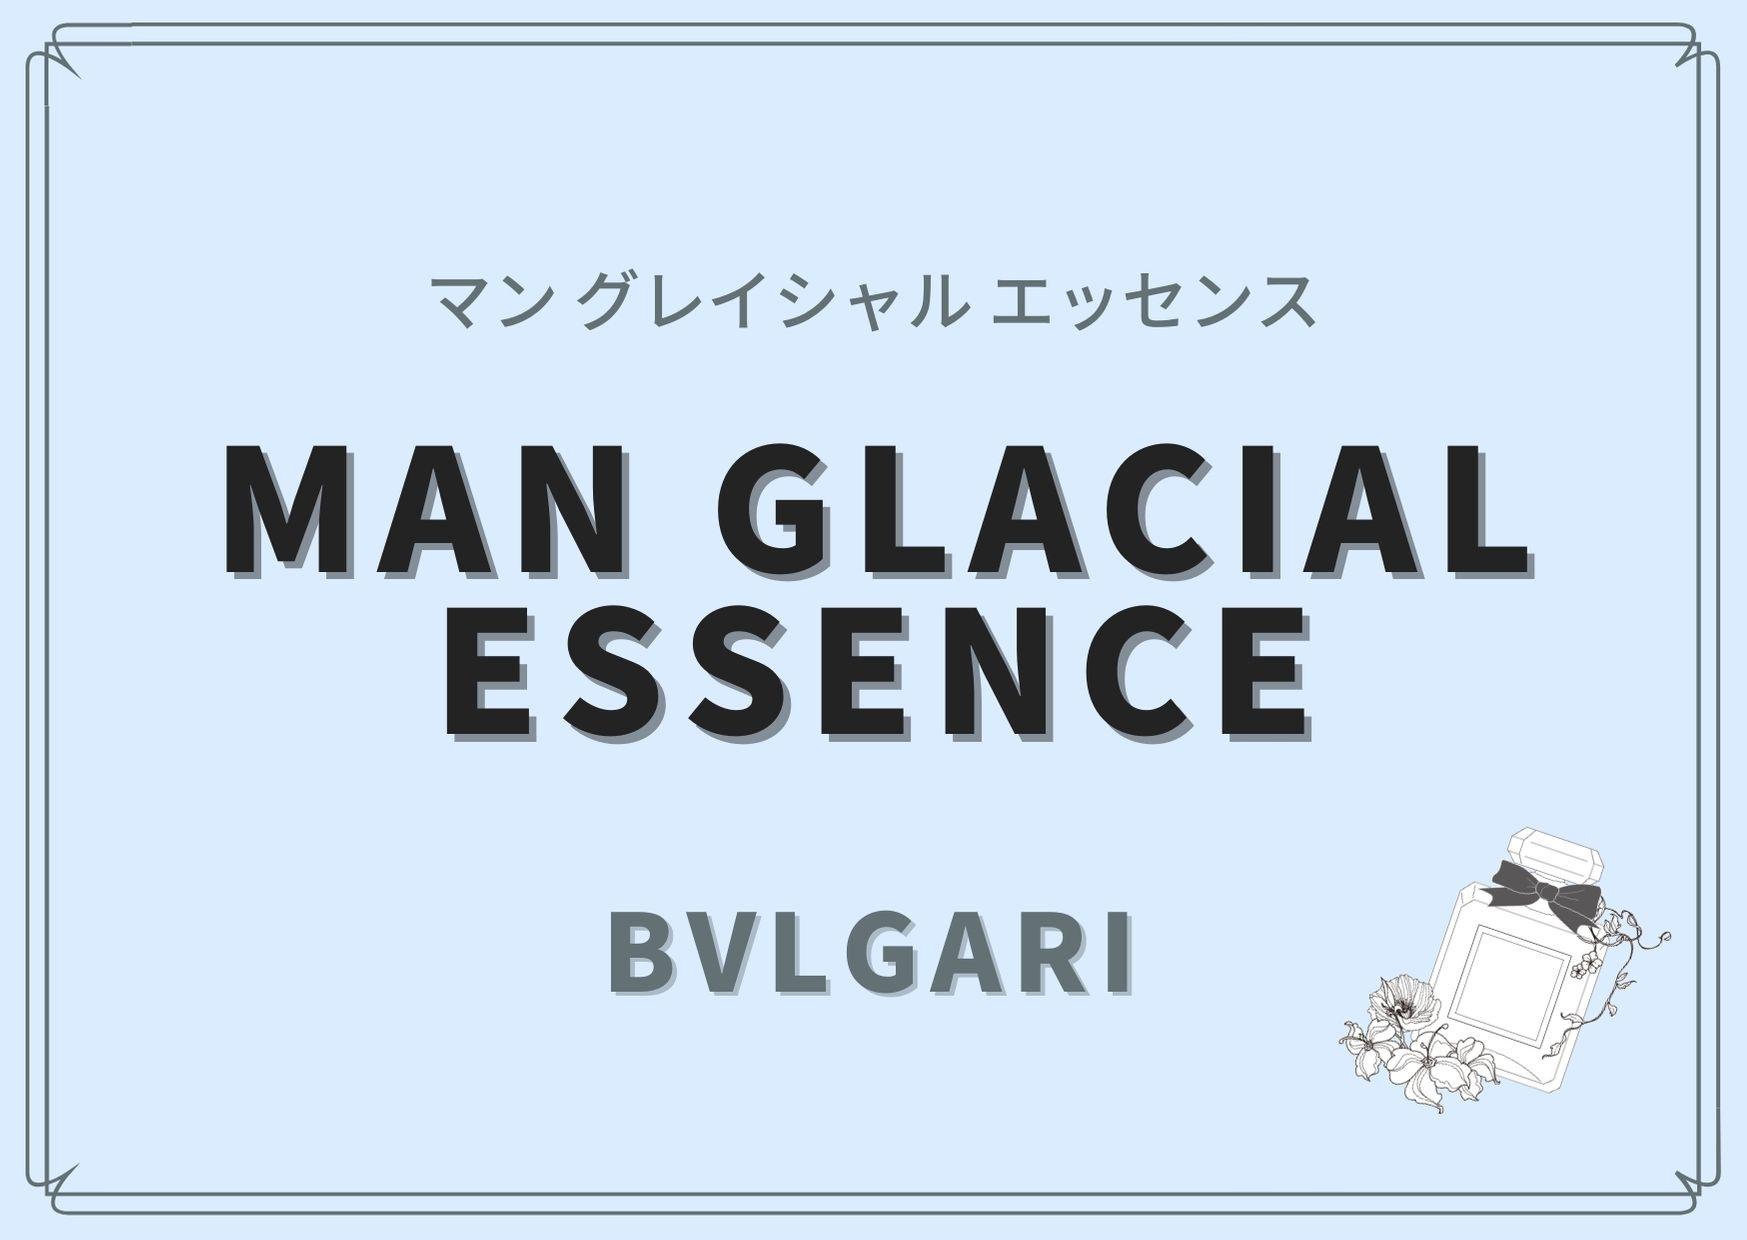 MAN GLACIAL ESSENCE(マン グレイシャル エッセンス)/ BVLGARI(ブルガリ)